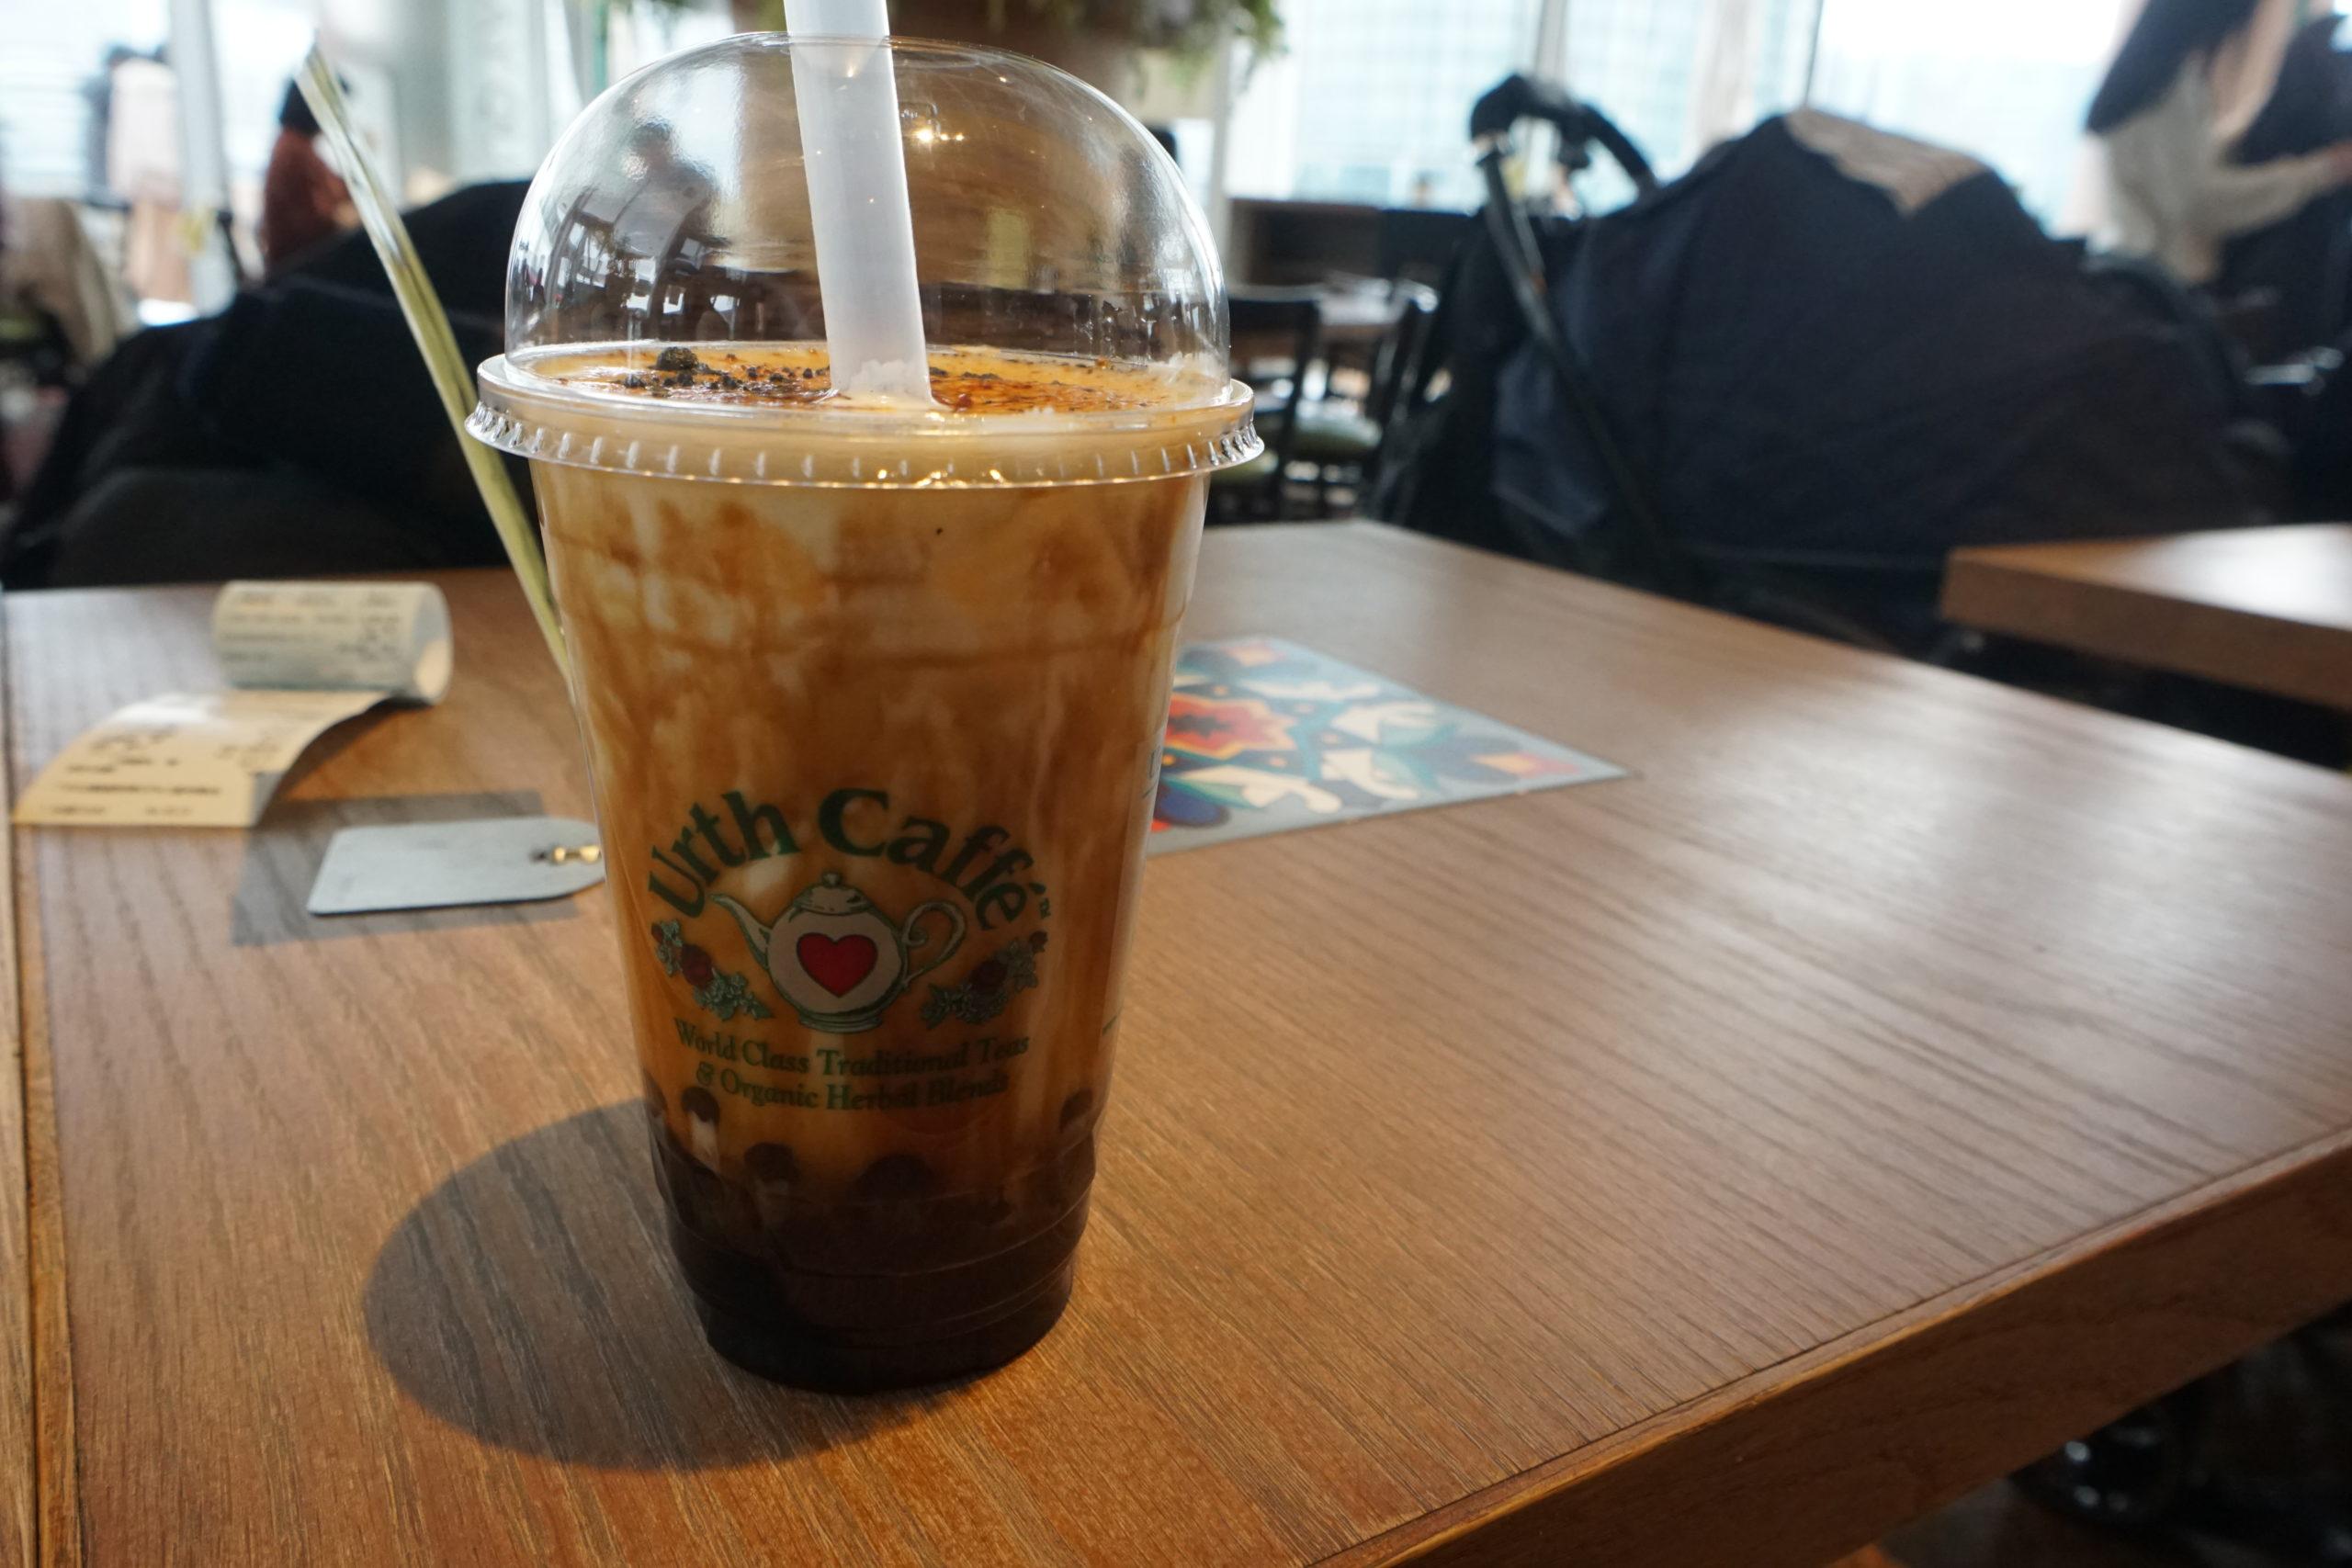 【みなとみらい】我が家がよく行くカフェ【urth caffe】